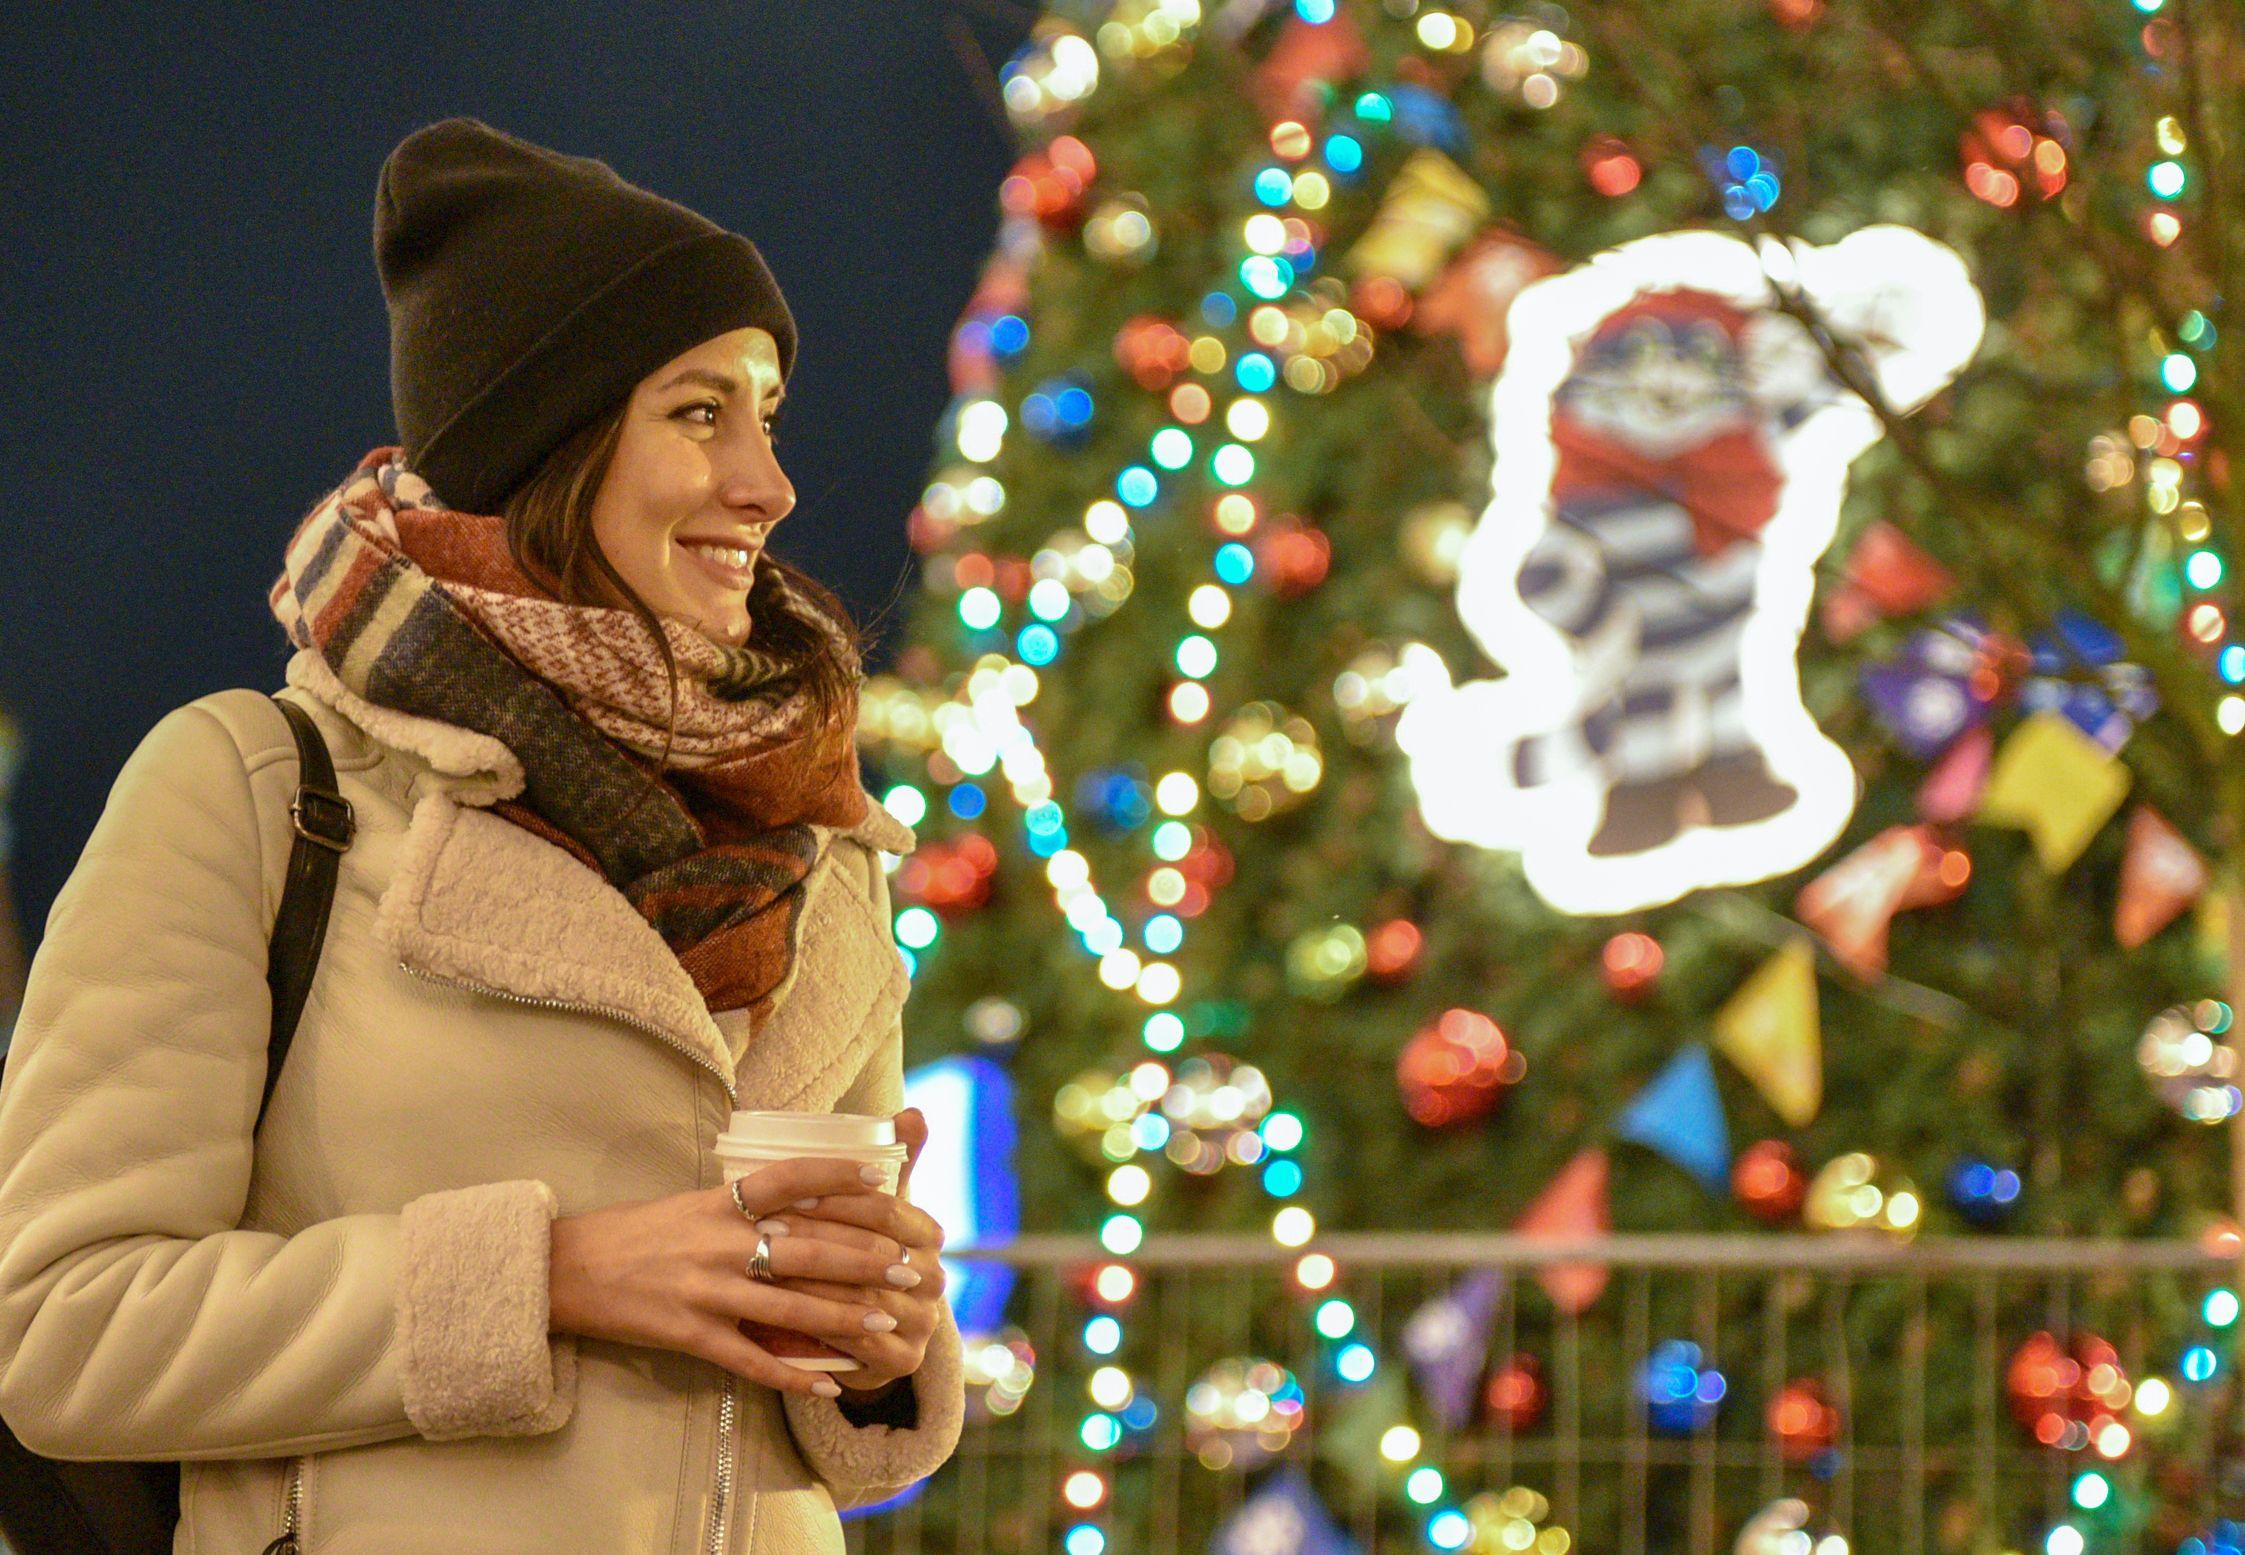 Москву украсят к Новому году до 16 декабря